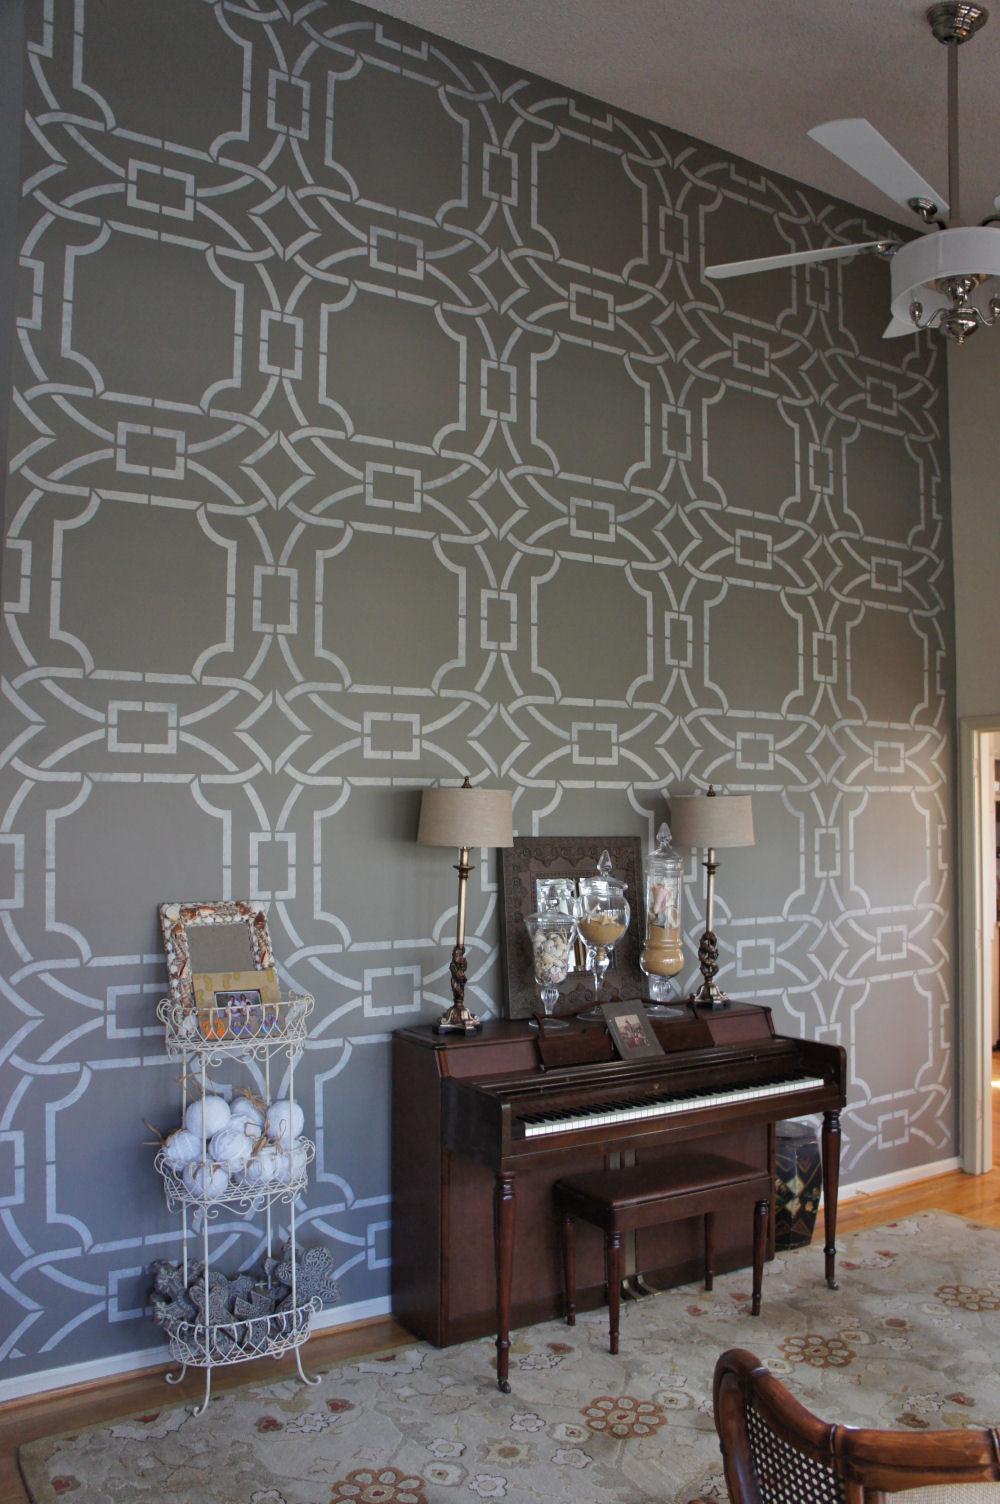 Декоративная отделка стены в дизайне интерьера комнаты